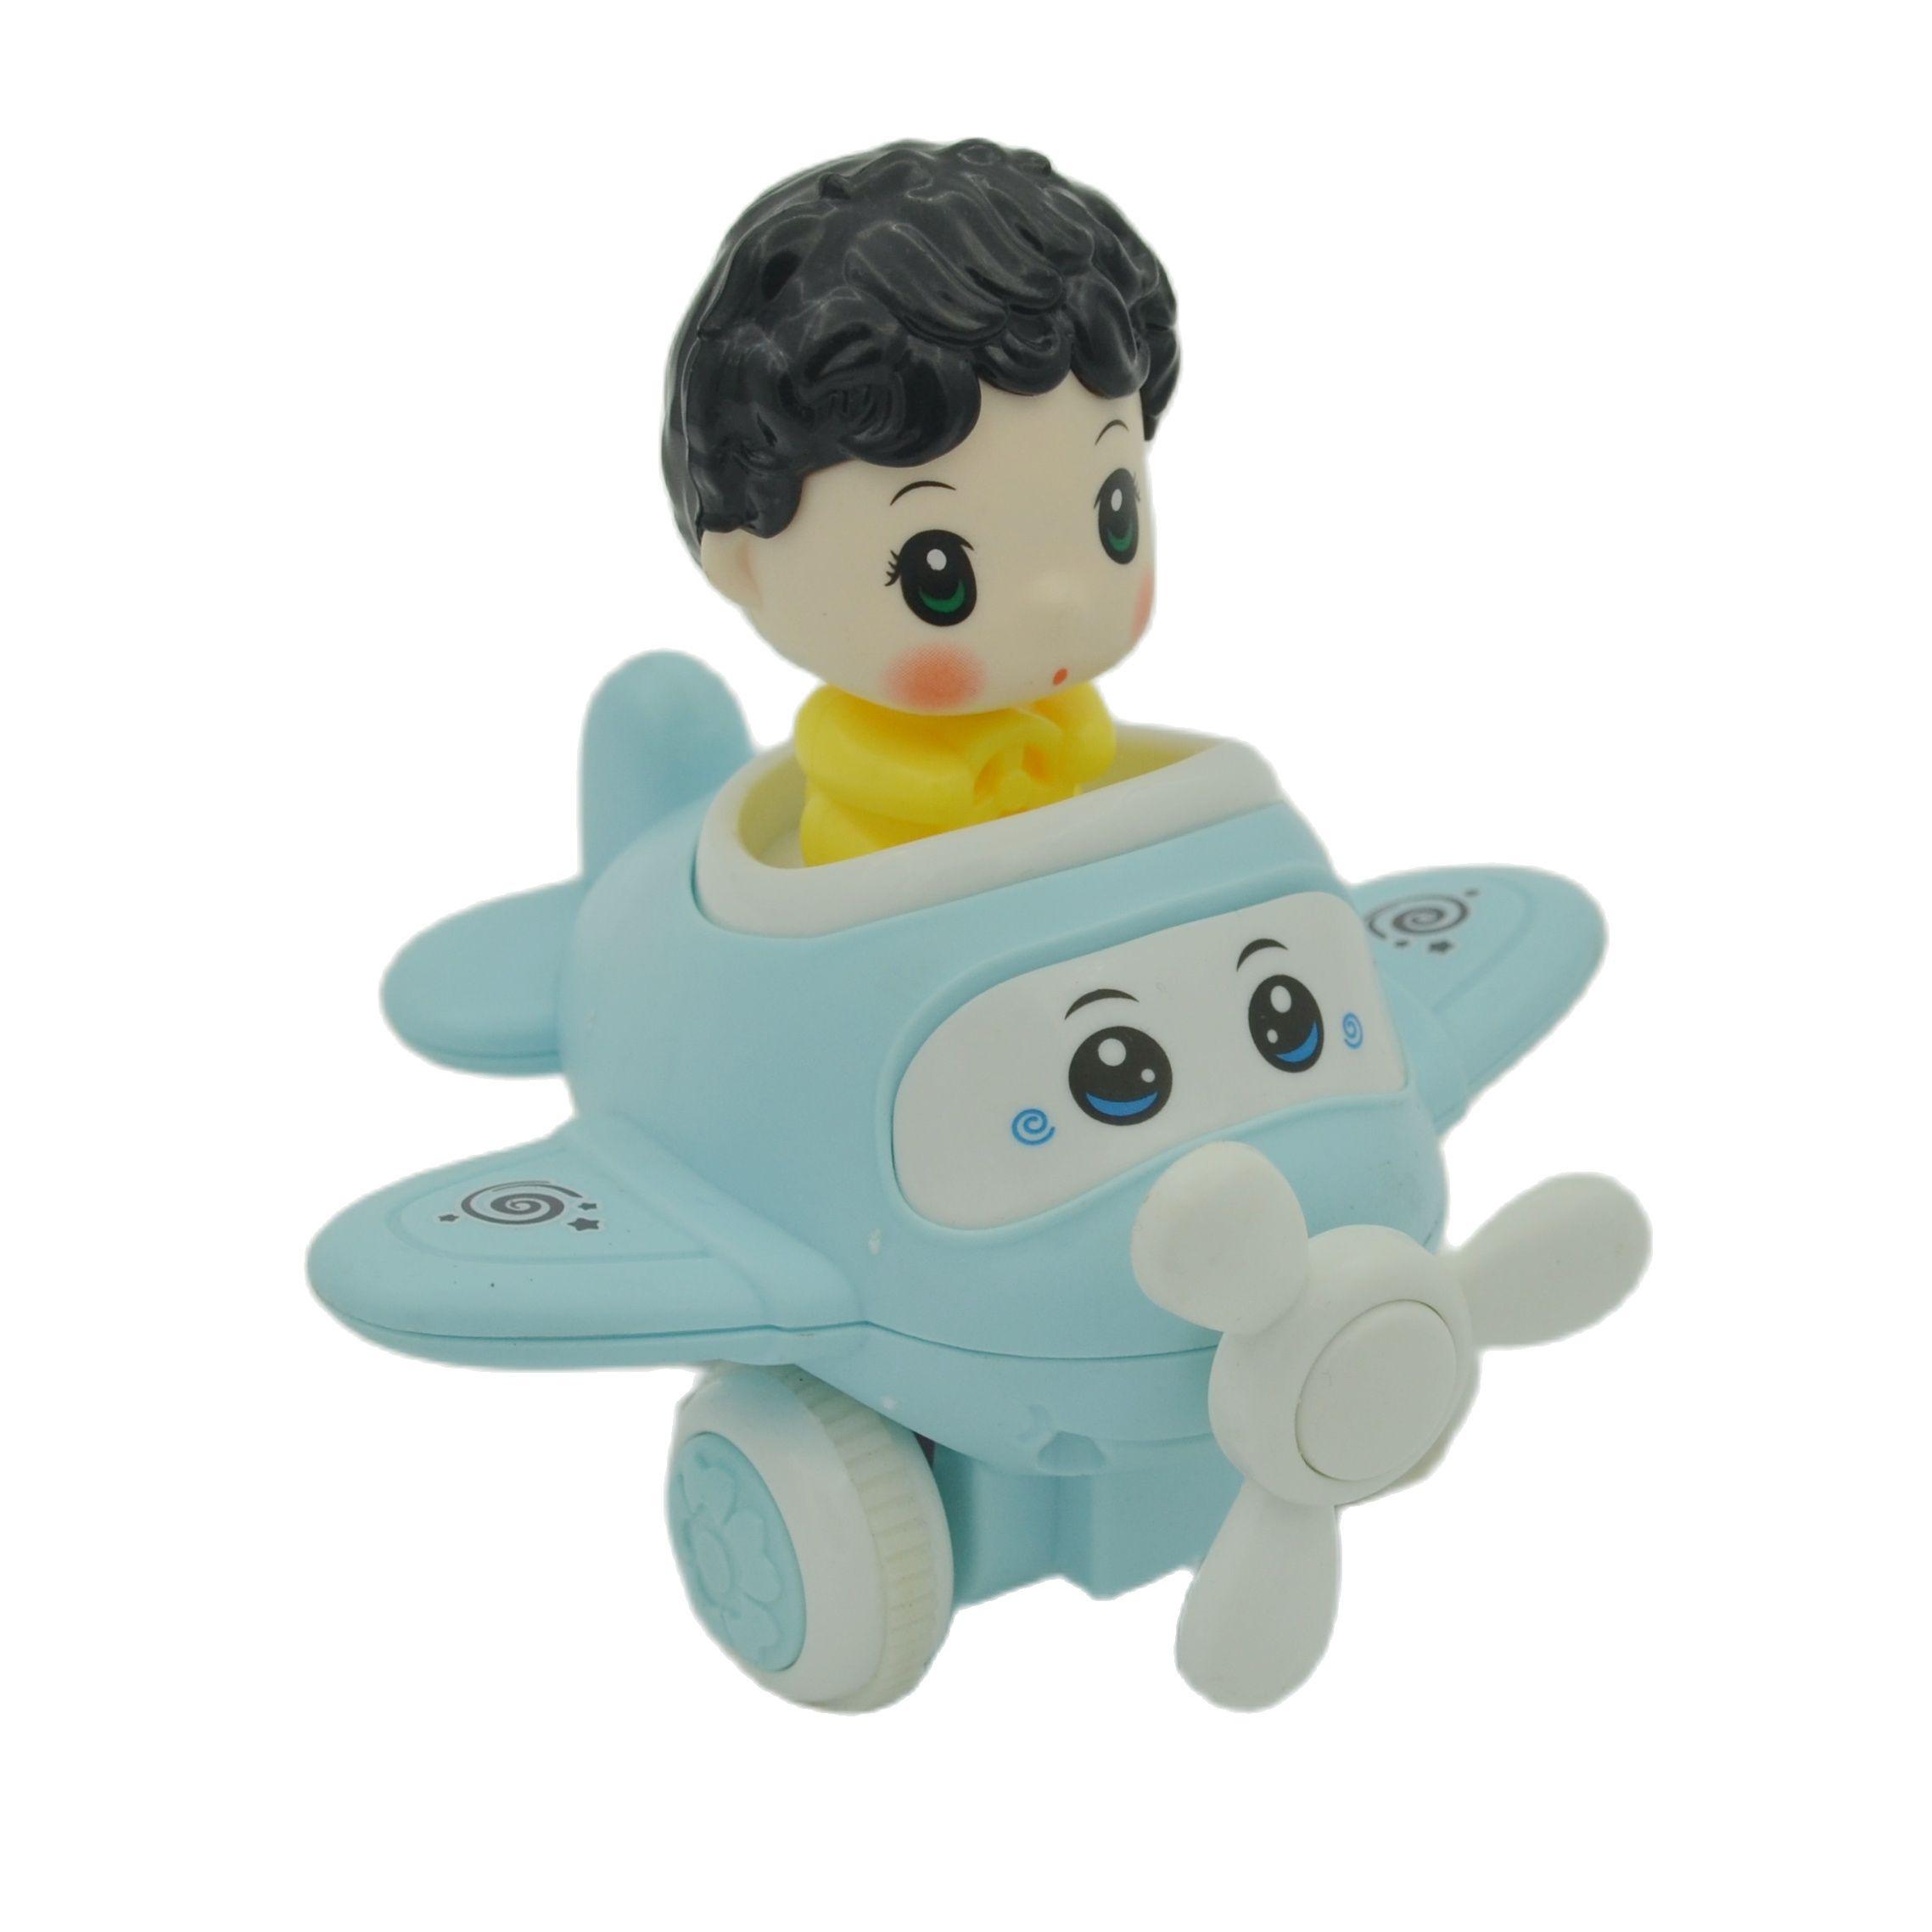 BLL بالجملة 320 قطعة ني لو 4 اللون الاطفال Interial الطائرة آلة محاكاة سيارات لعب للبنين الأطفال هدية